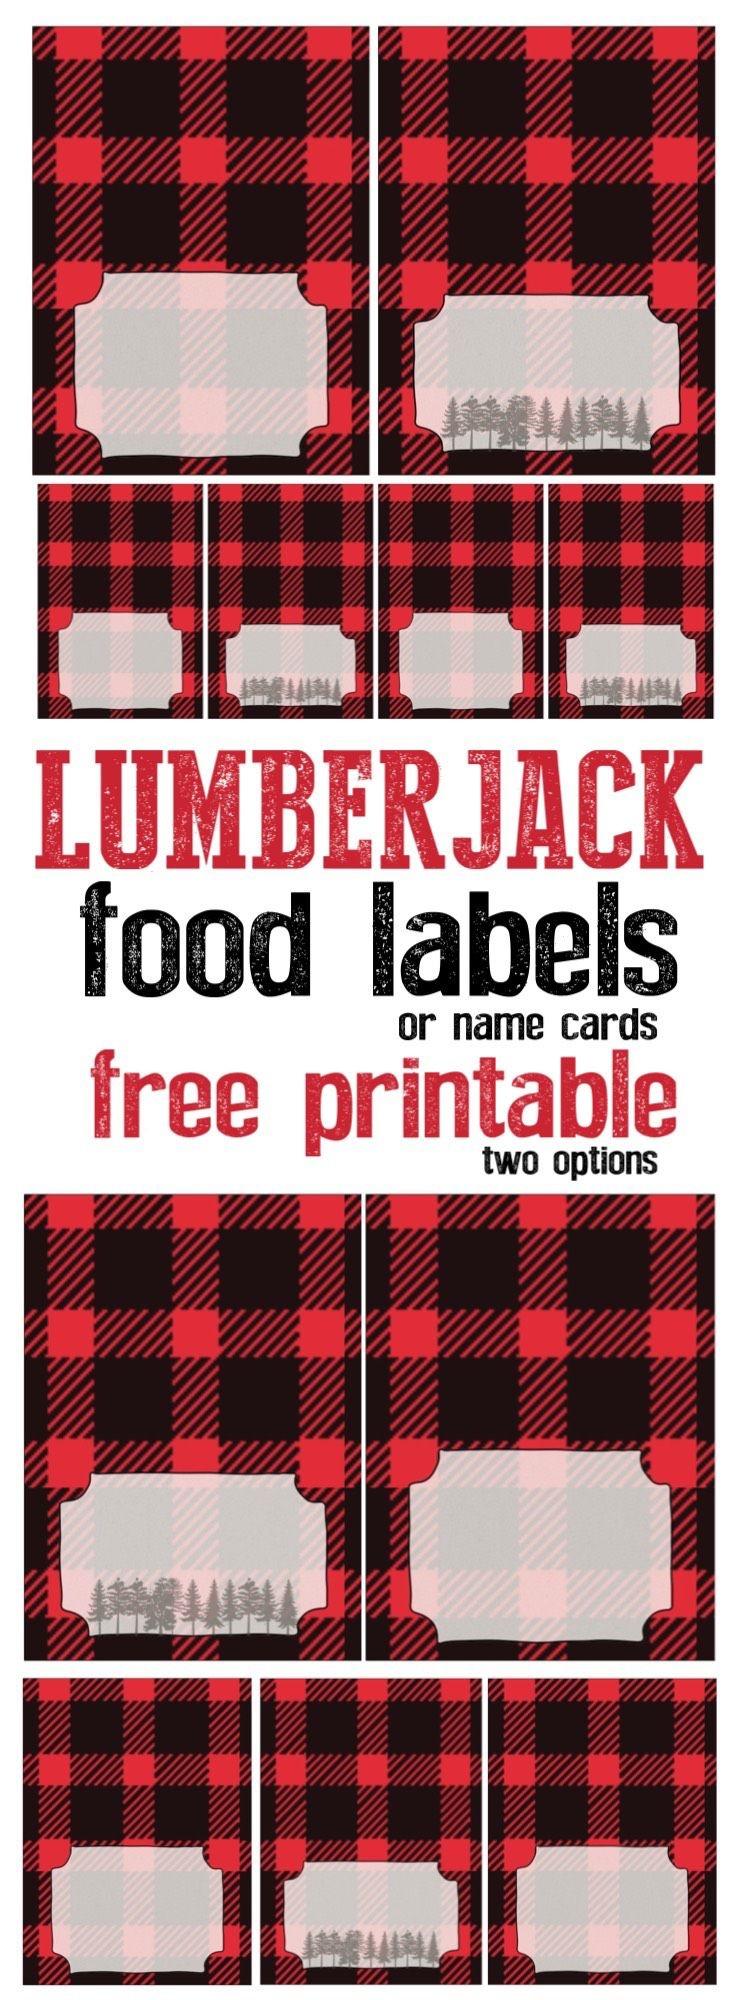 Lumberjack Food Labels Free Printable | Trevor Bday | Lumberjack - Lumberjack Printables Free